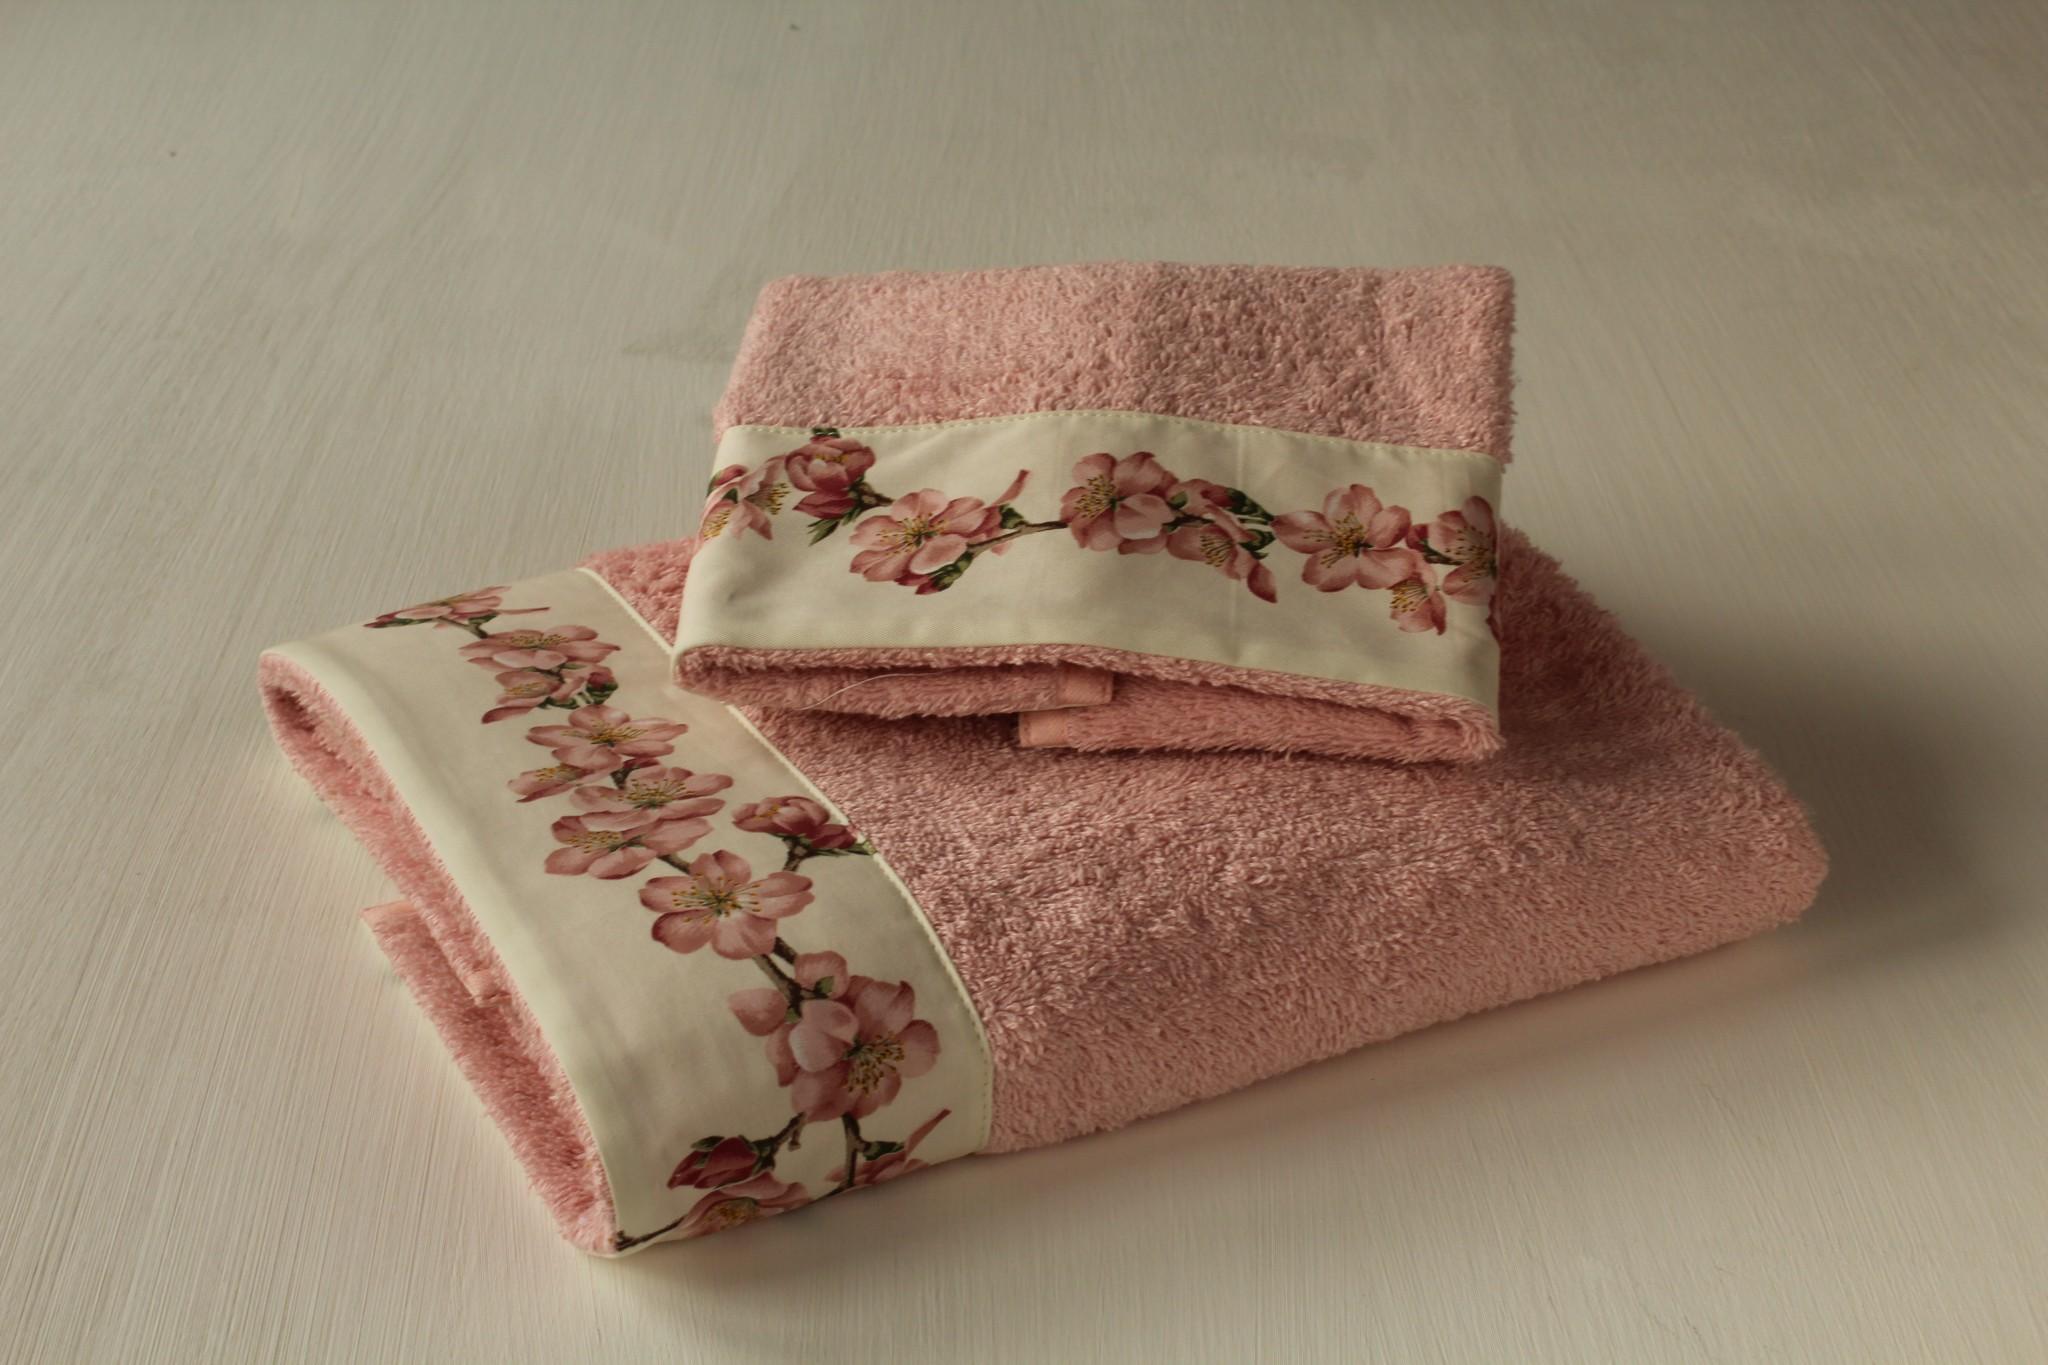 Coppia Asciugamani Fiori Di Pesco - Giardino di Rose: Biancheria per ...